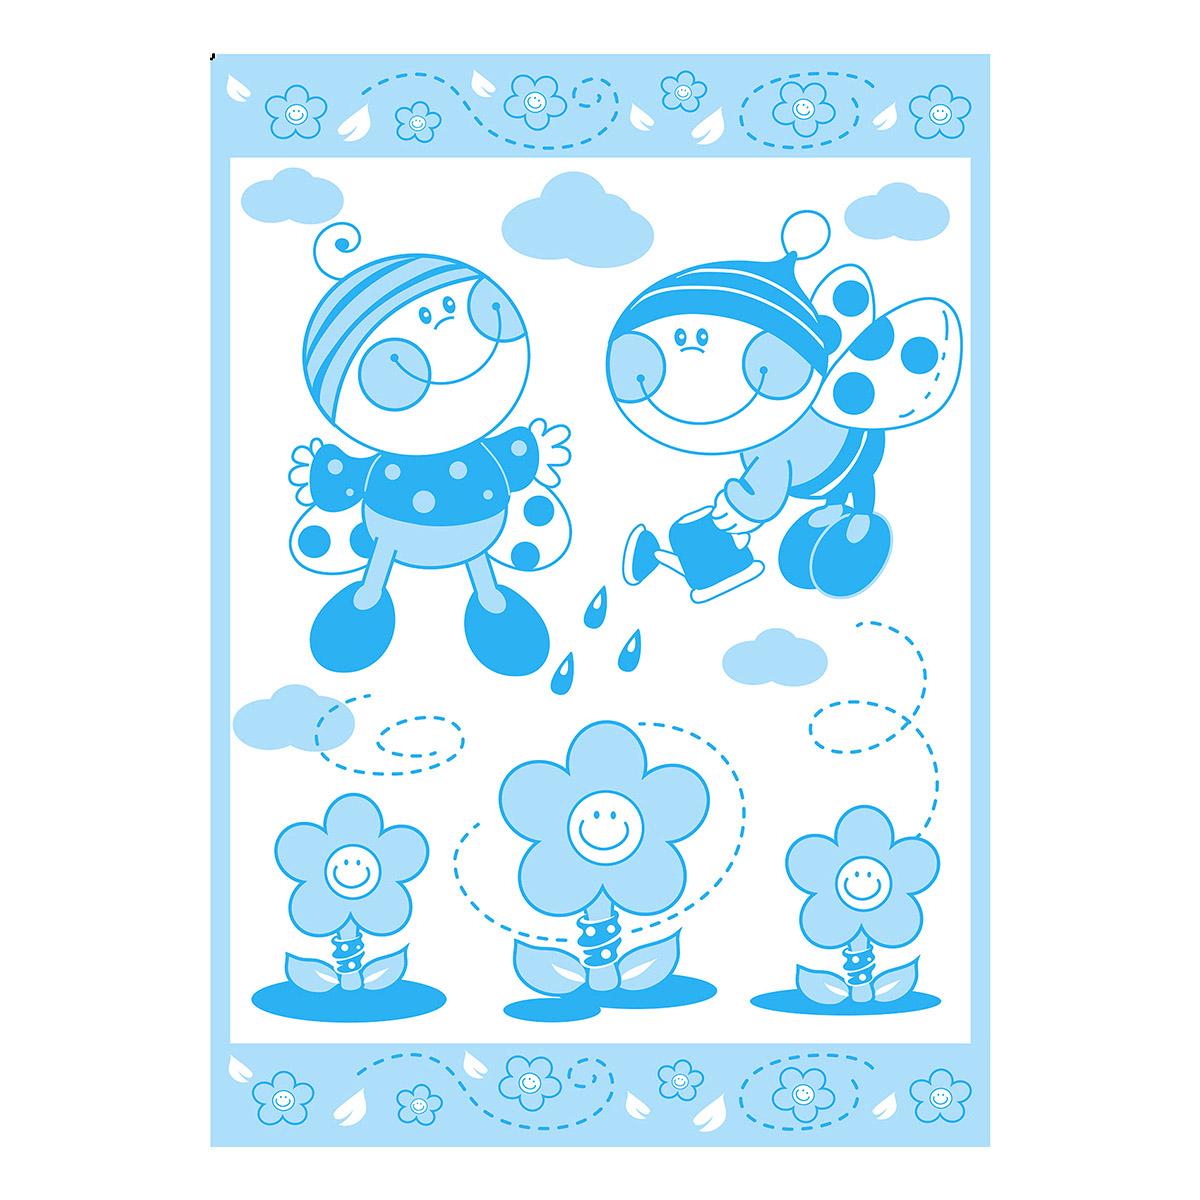 Одеяло Споки Ноки байковое 100% хлопок 100х140 жаккардовое Букашки (голубой, желтый розовый)<br>